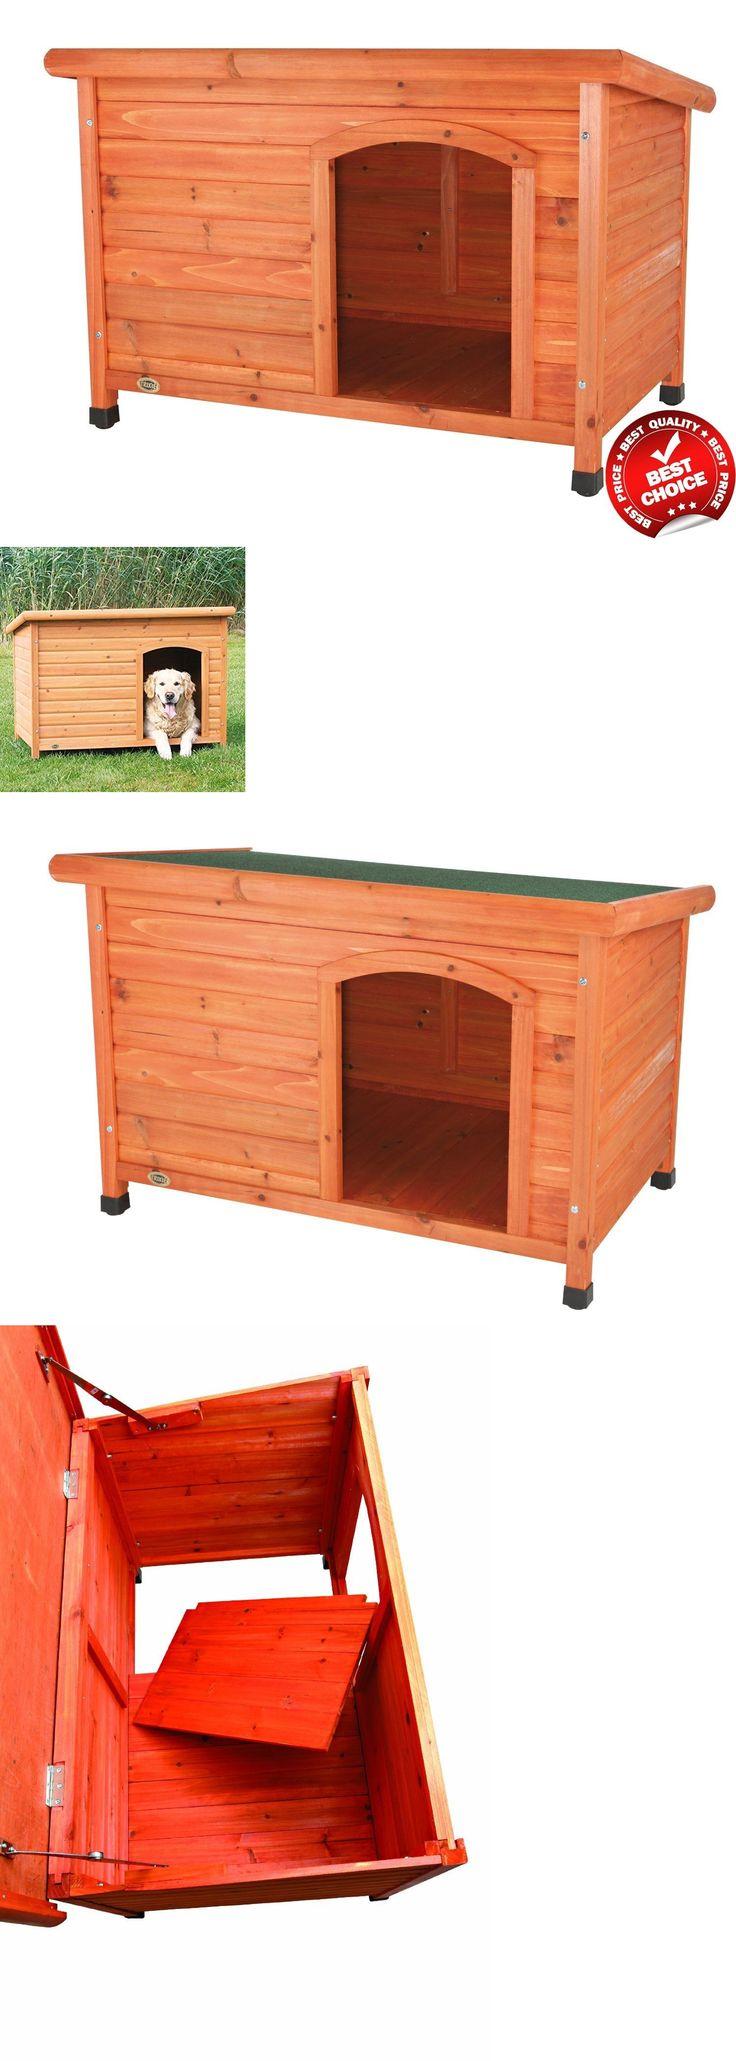 Creative Dog Houses Best 25 Extra Large Dog House Ideas On Pinterest Large Dog